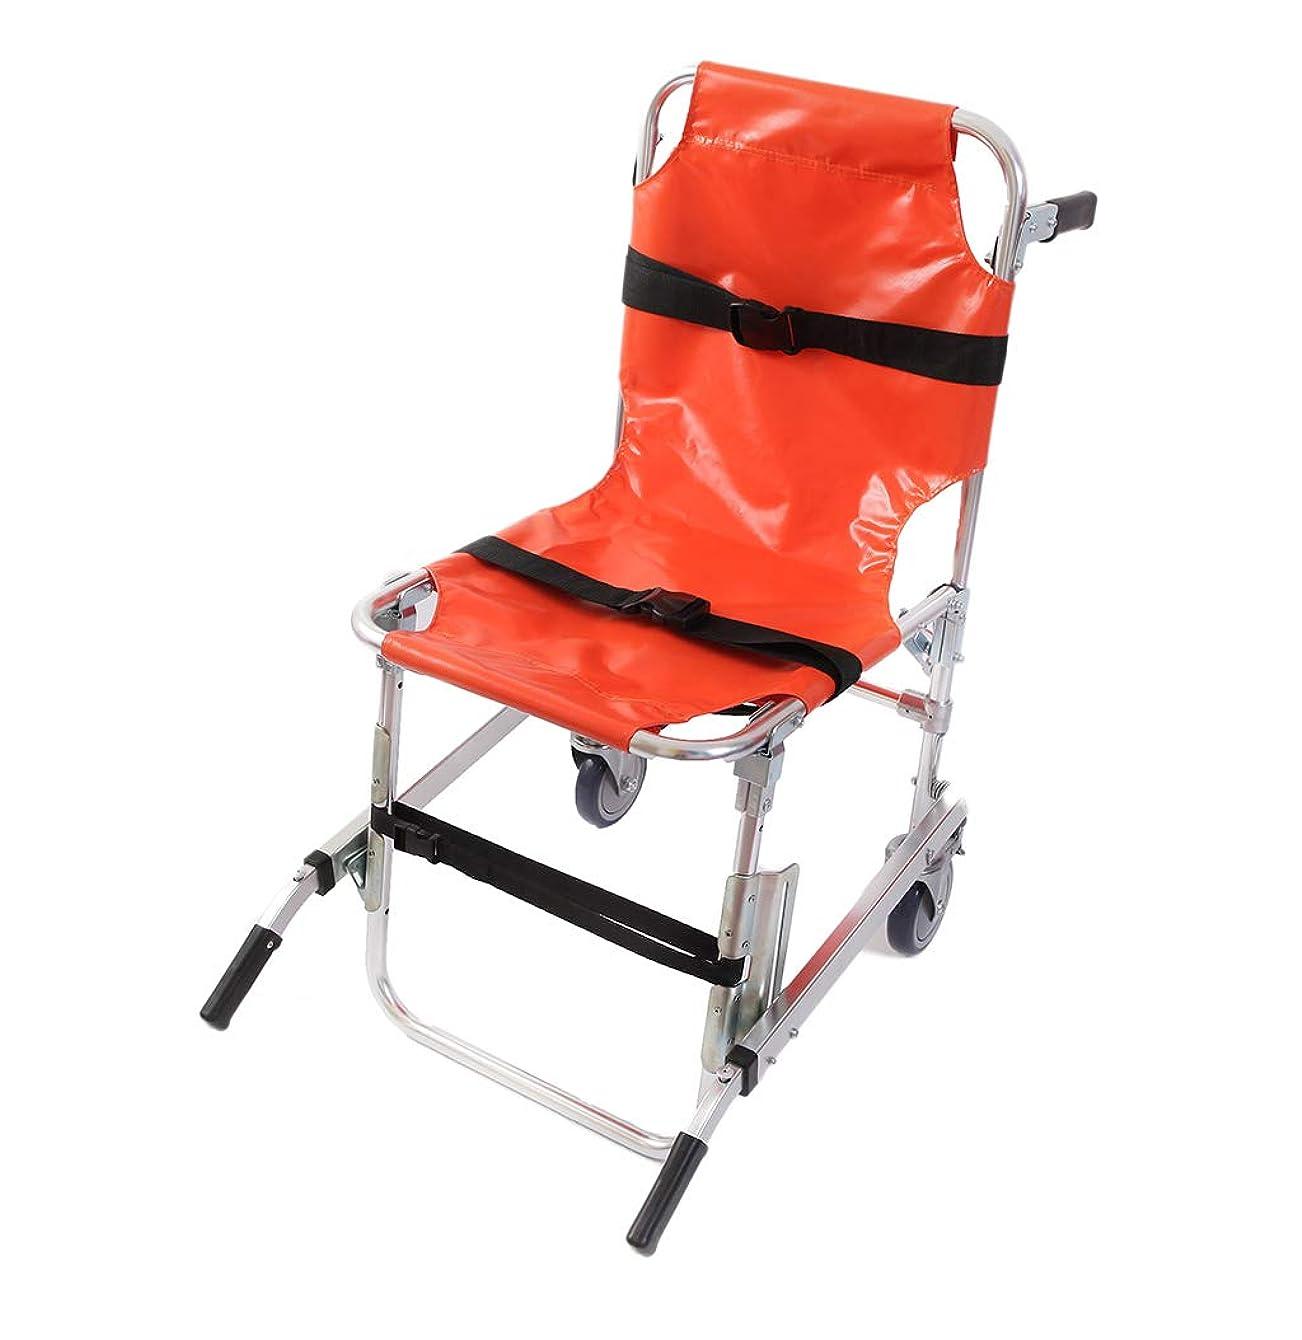 カリキュラムシネウィ聖域EMS階段椅子、アルミニウムの軽量2クイックリリースバックル付きリフト付き医療輸送椅子